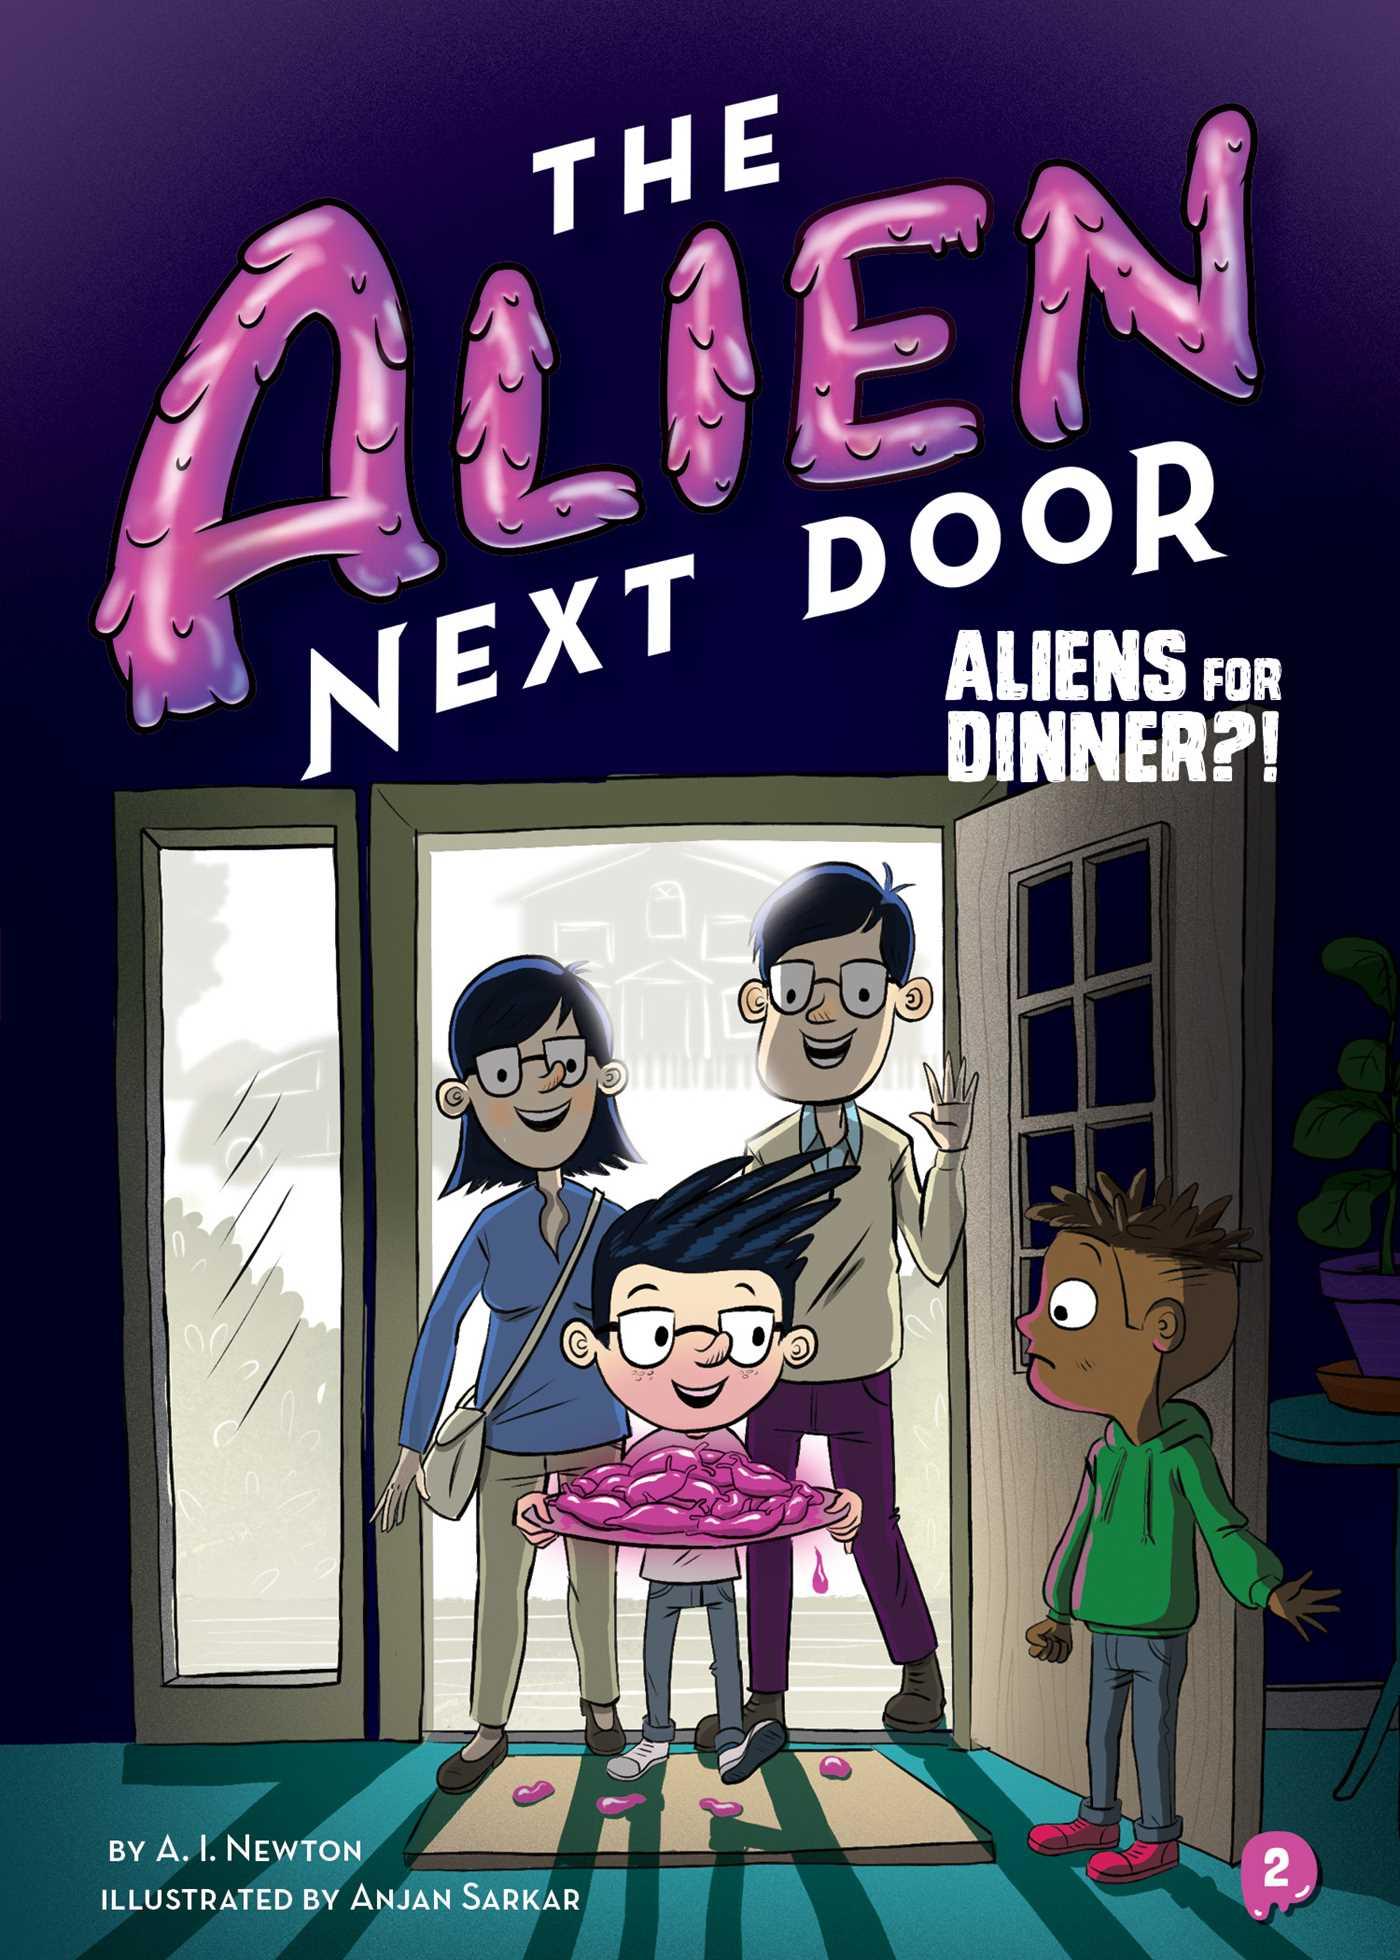 2 aliens for dinner  9781499805611 hr